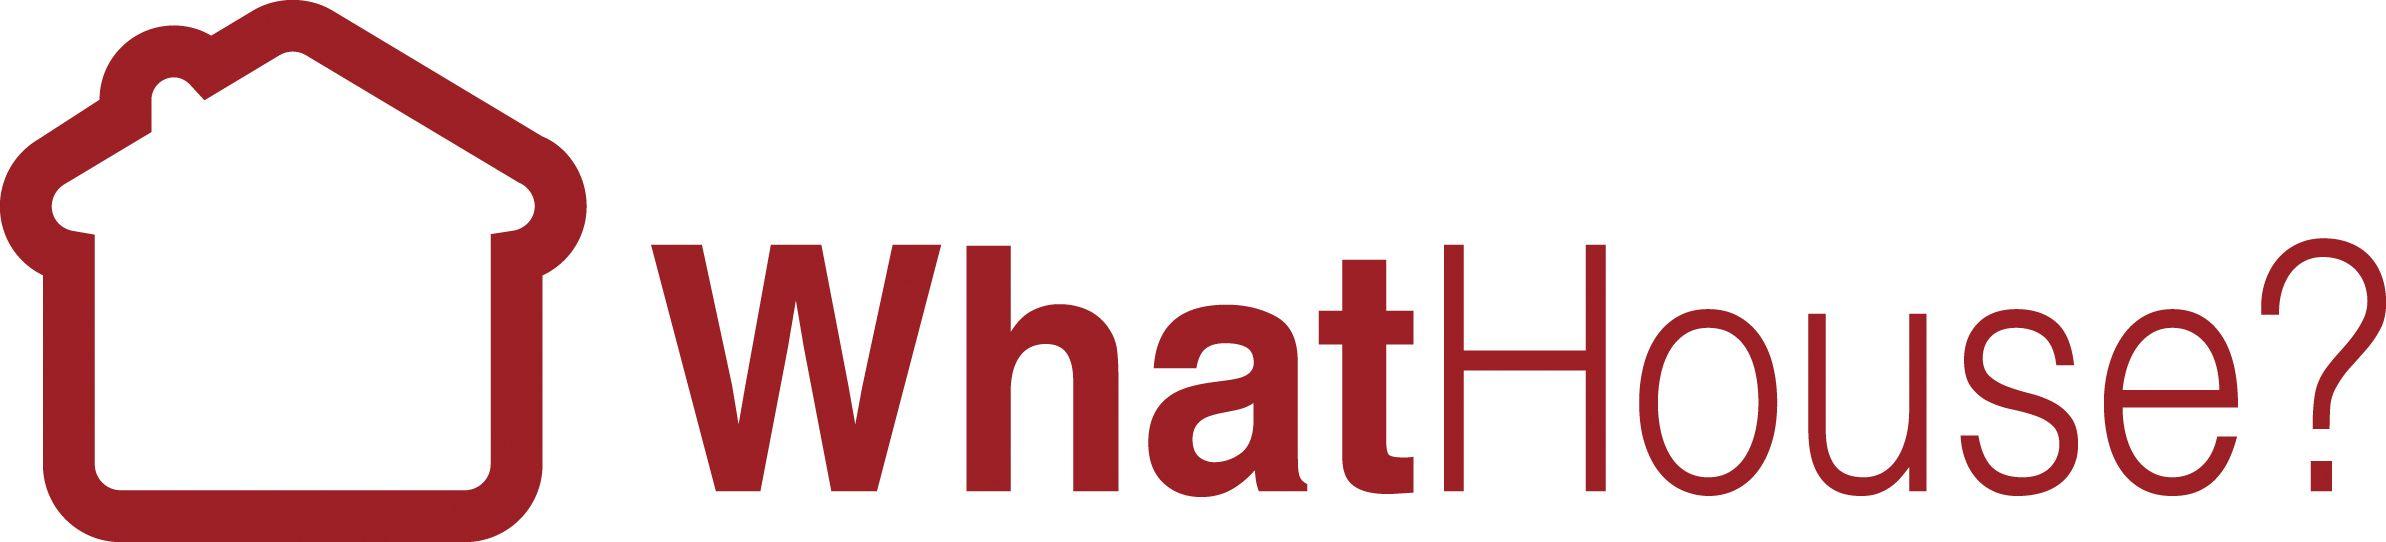 Whathouse Logo